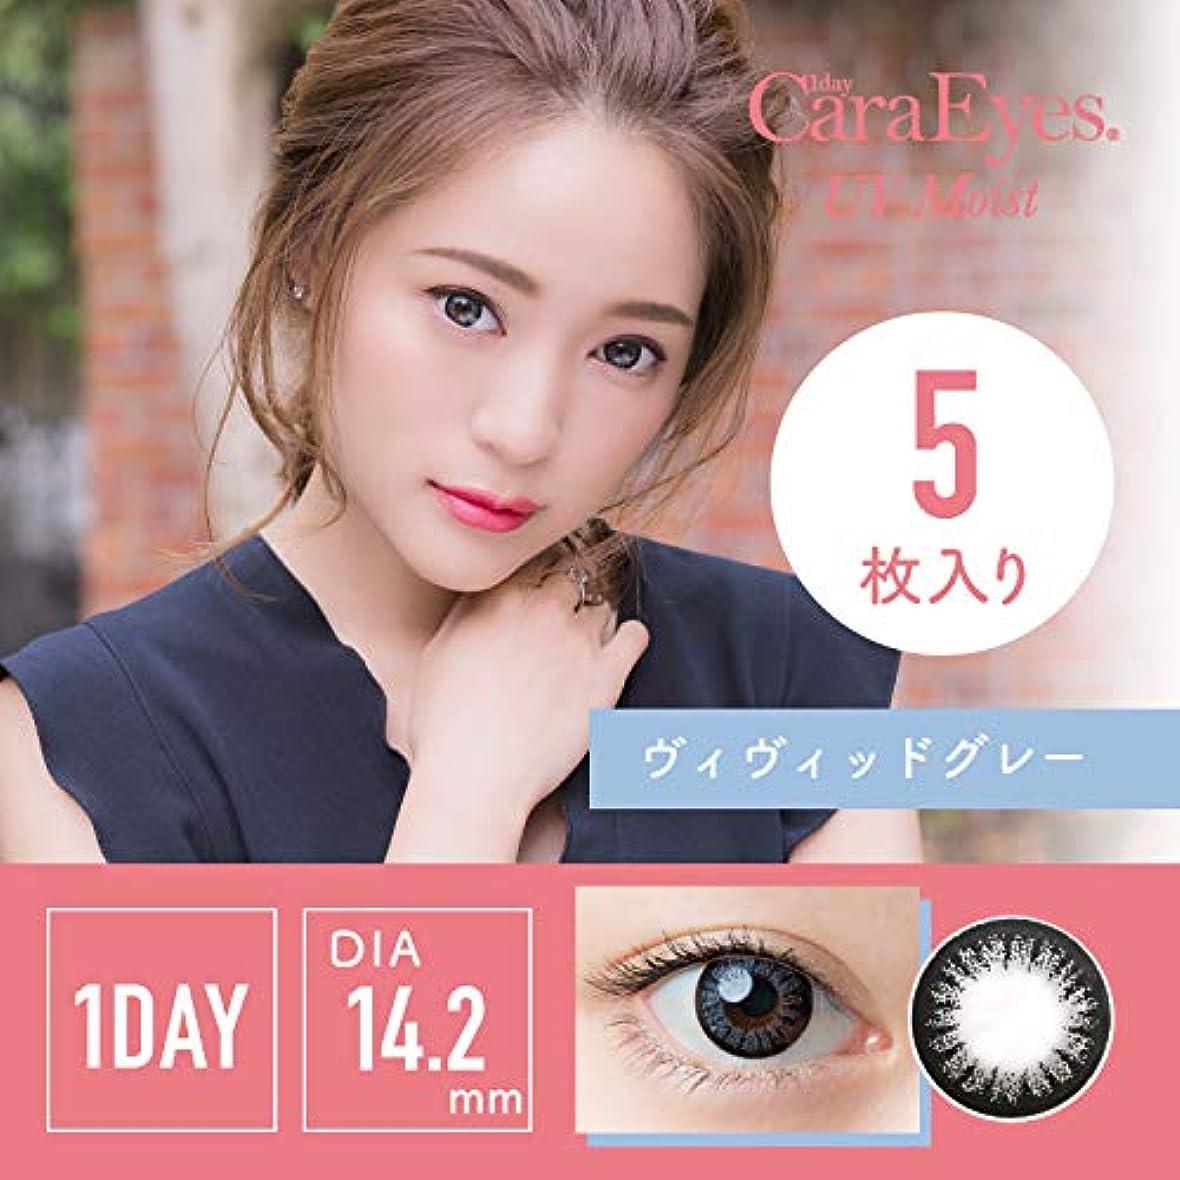 なめらかなお嬢キャッシュワンデーキャラアイUV&モイスト カラーシリーズ 5枚入 【ヴィヴィッドグレー】 -7.00